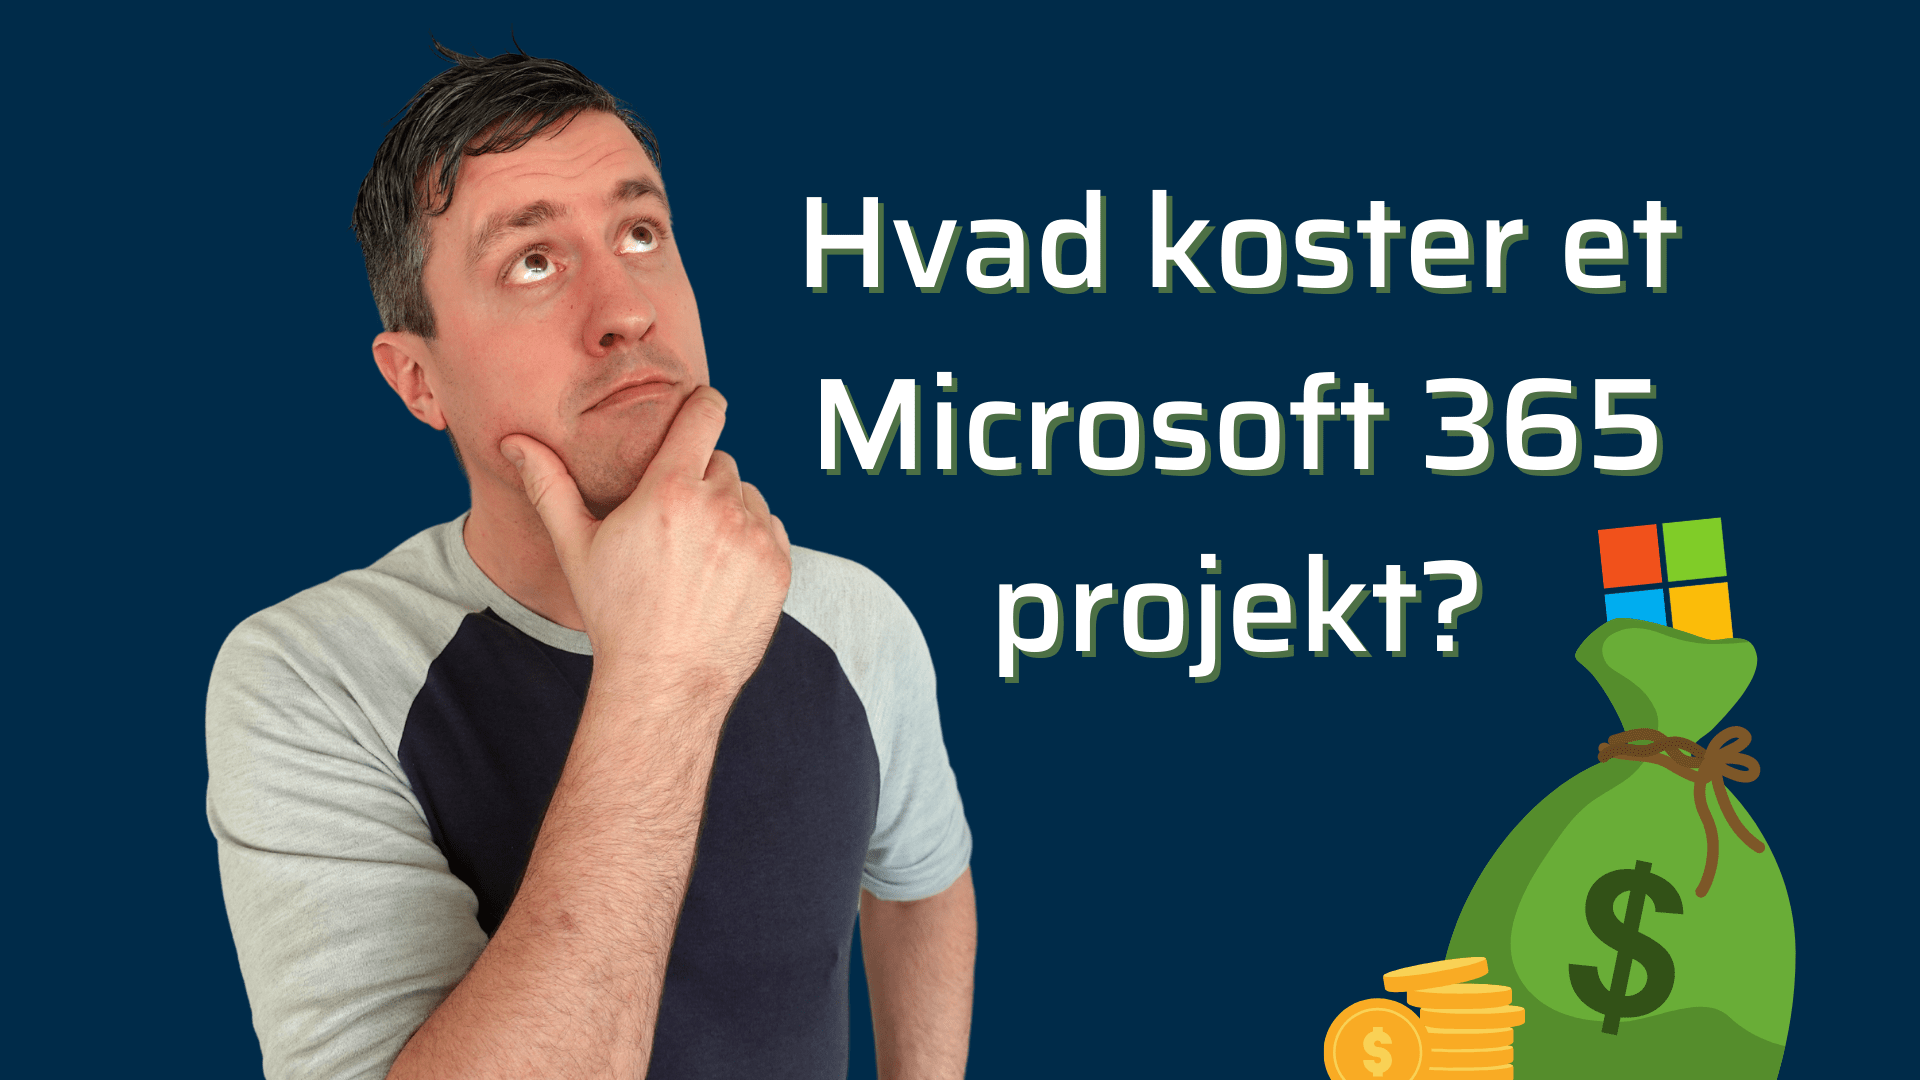 Hvad koster et Microsoft 365 projekt_